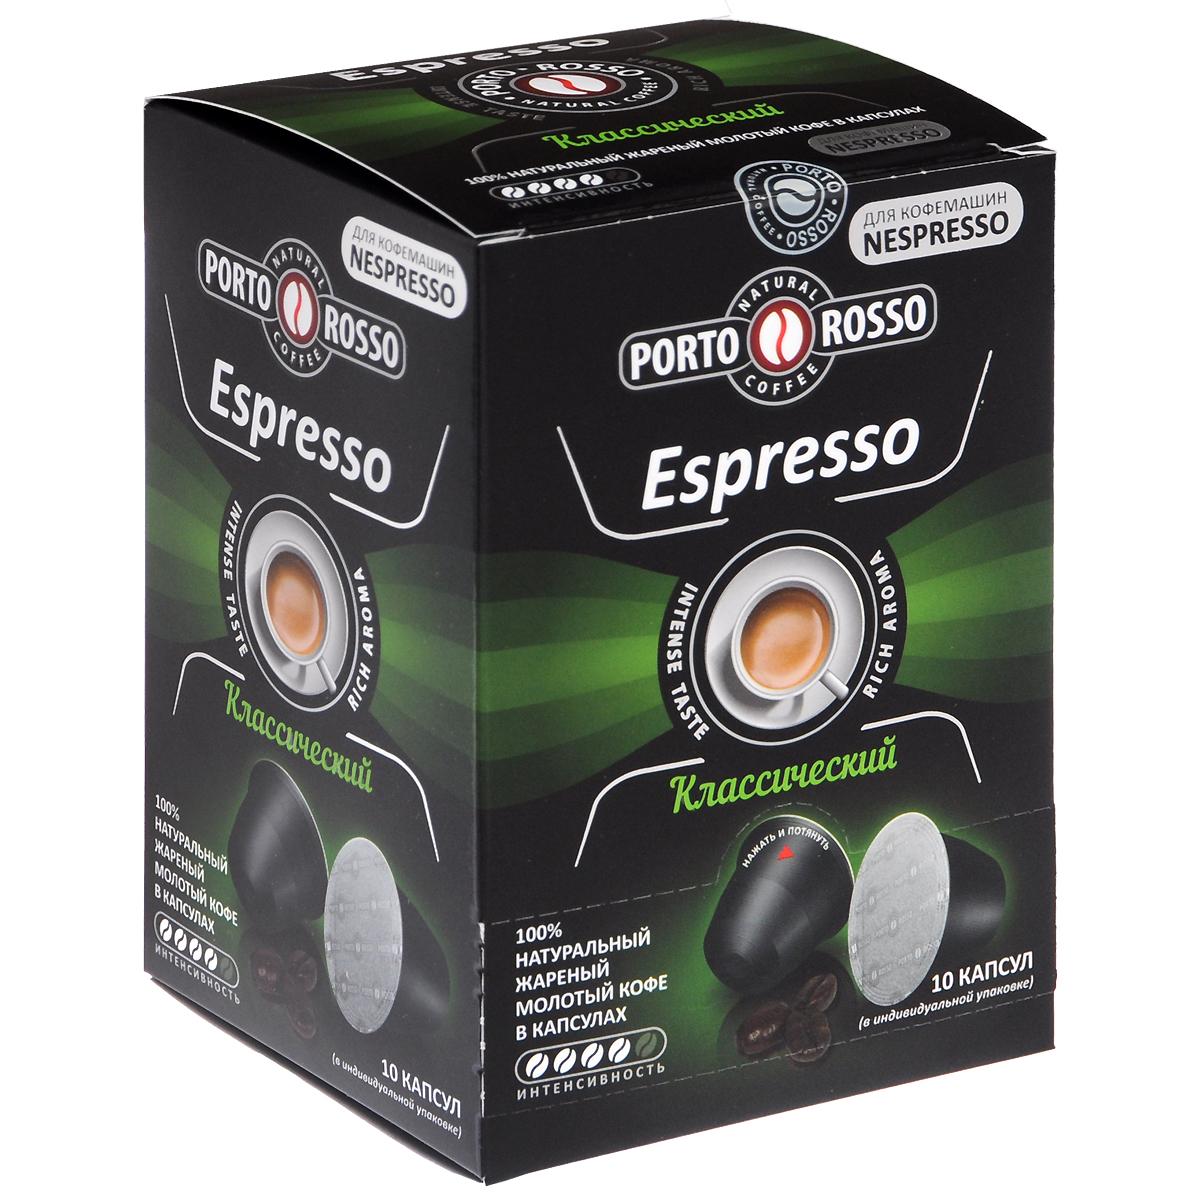 Porto Rosso Espresso кофейные капсулы